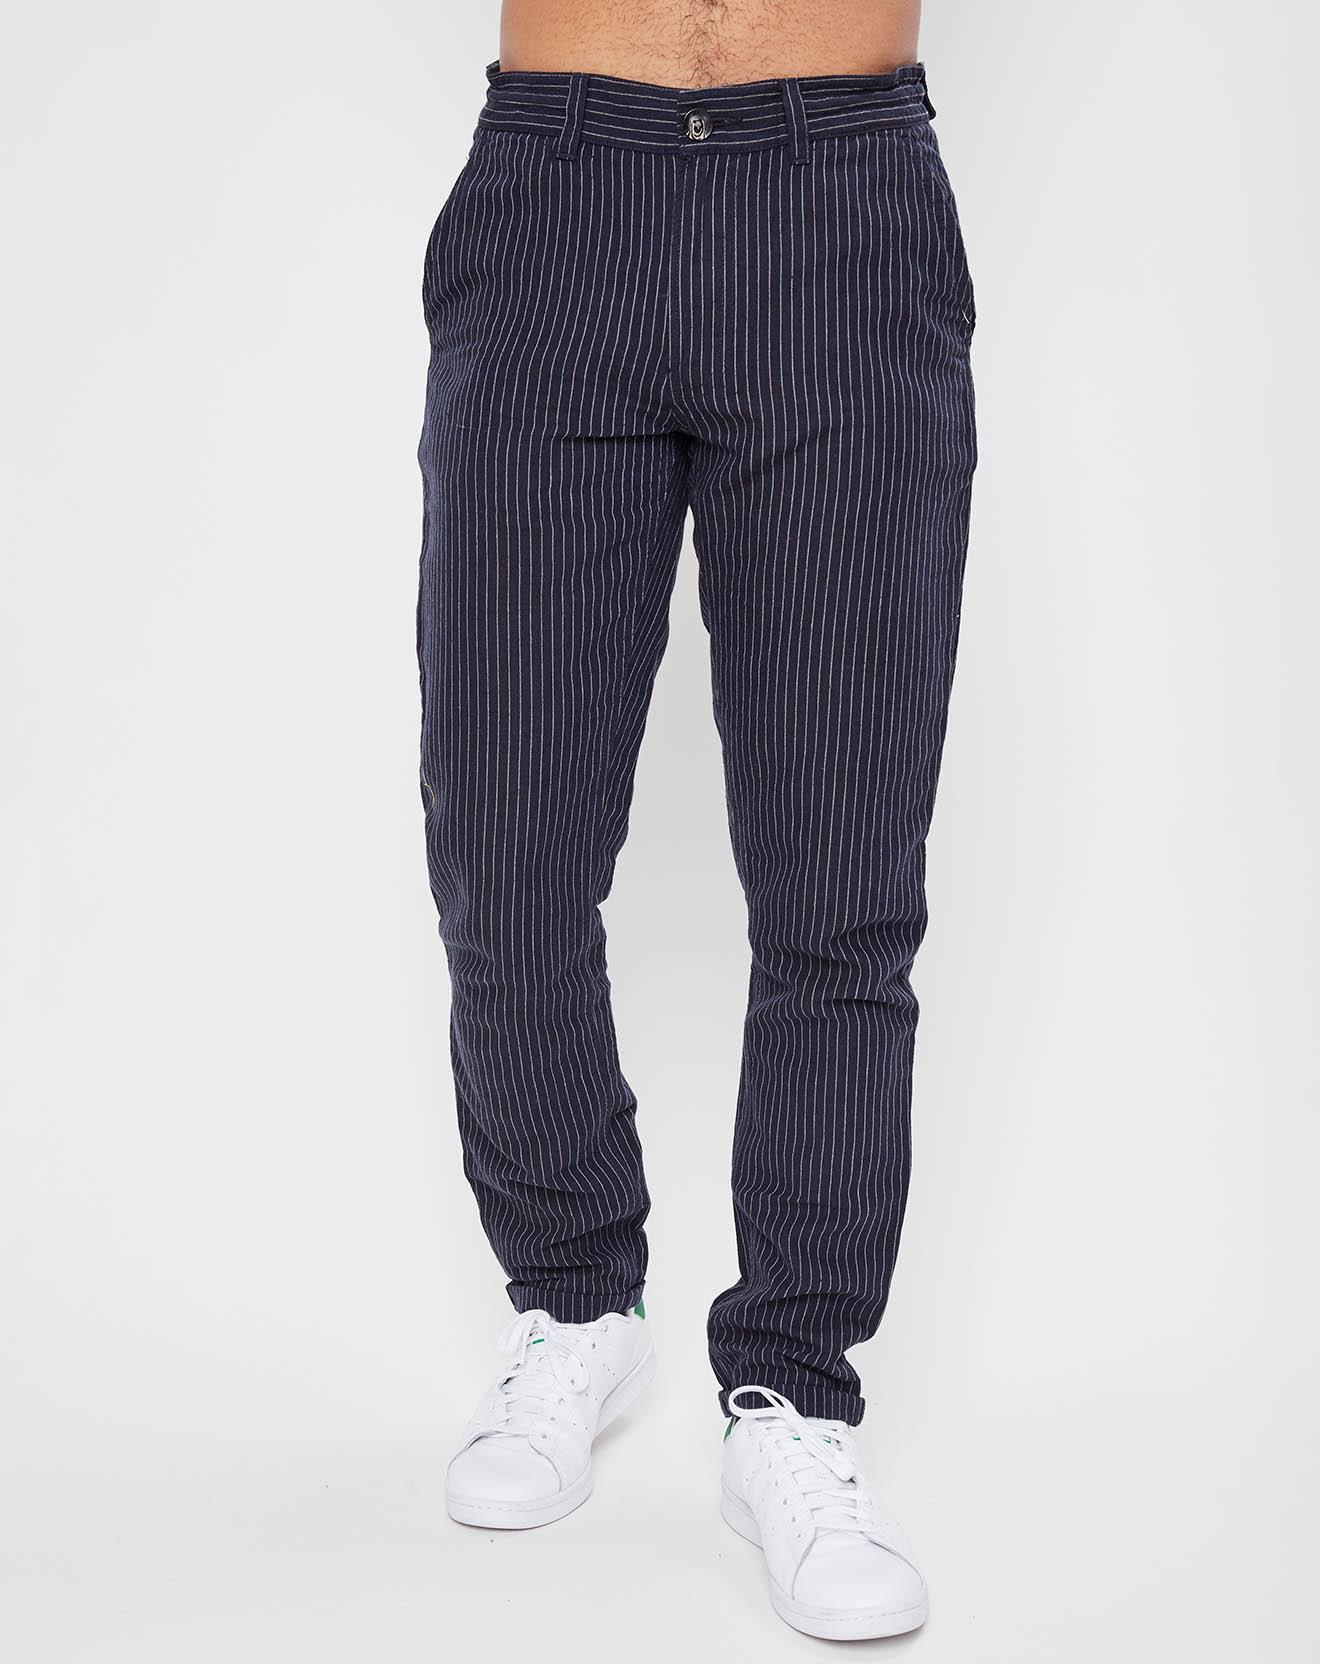 Pantalon en Lin & Coton Wyll rayé bleu foncé - Teddy Smith - Modalova